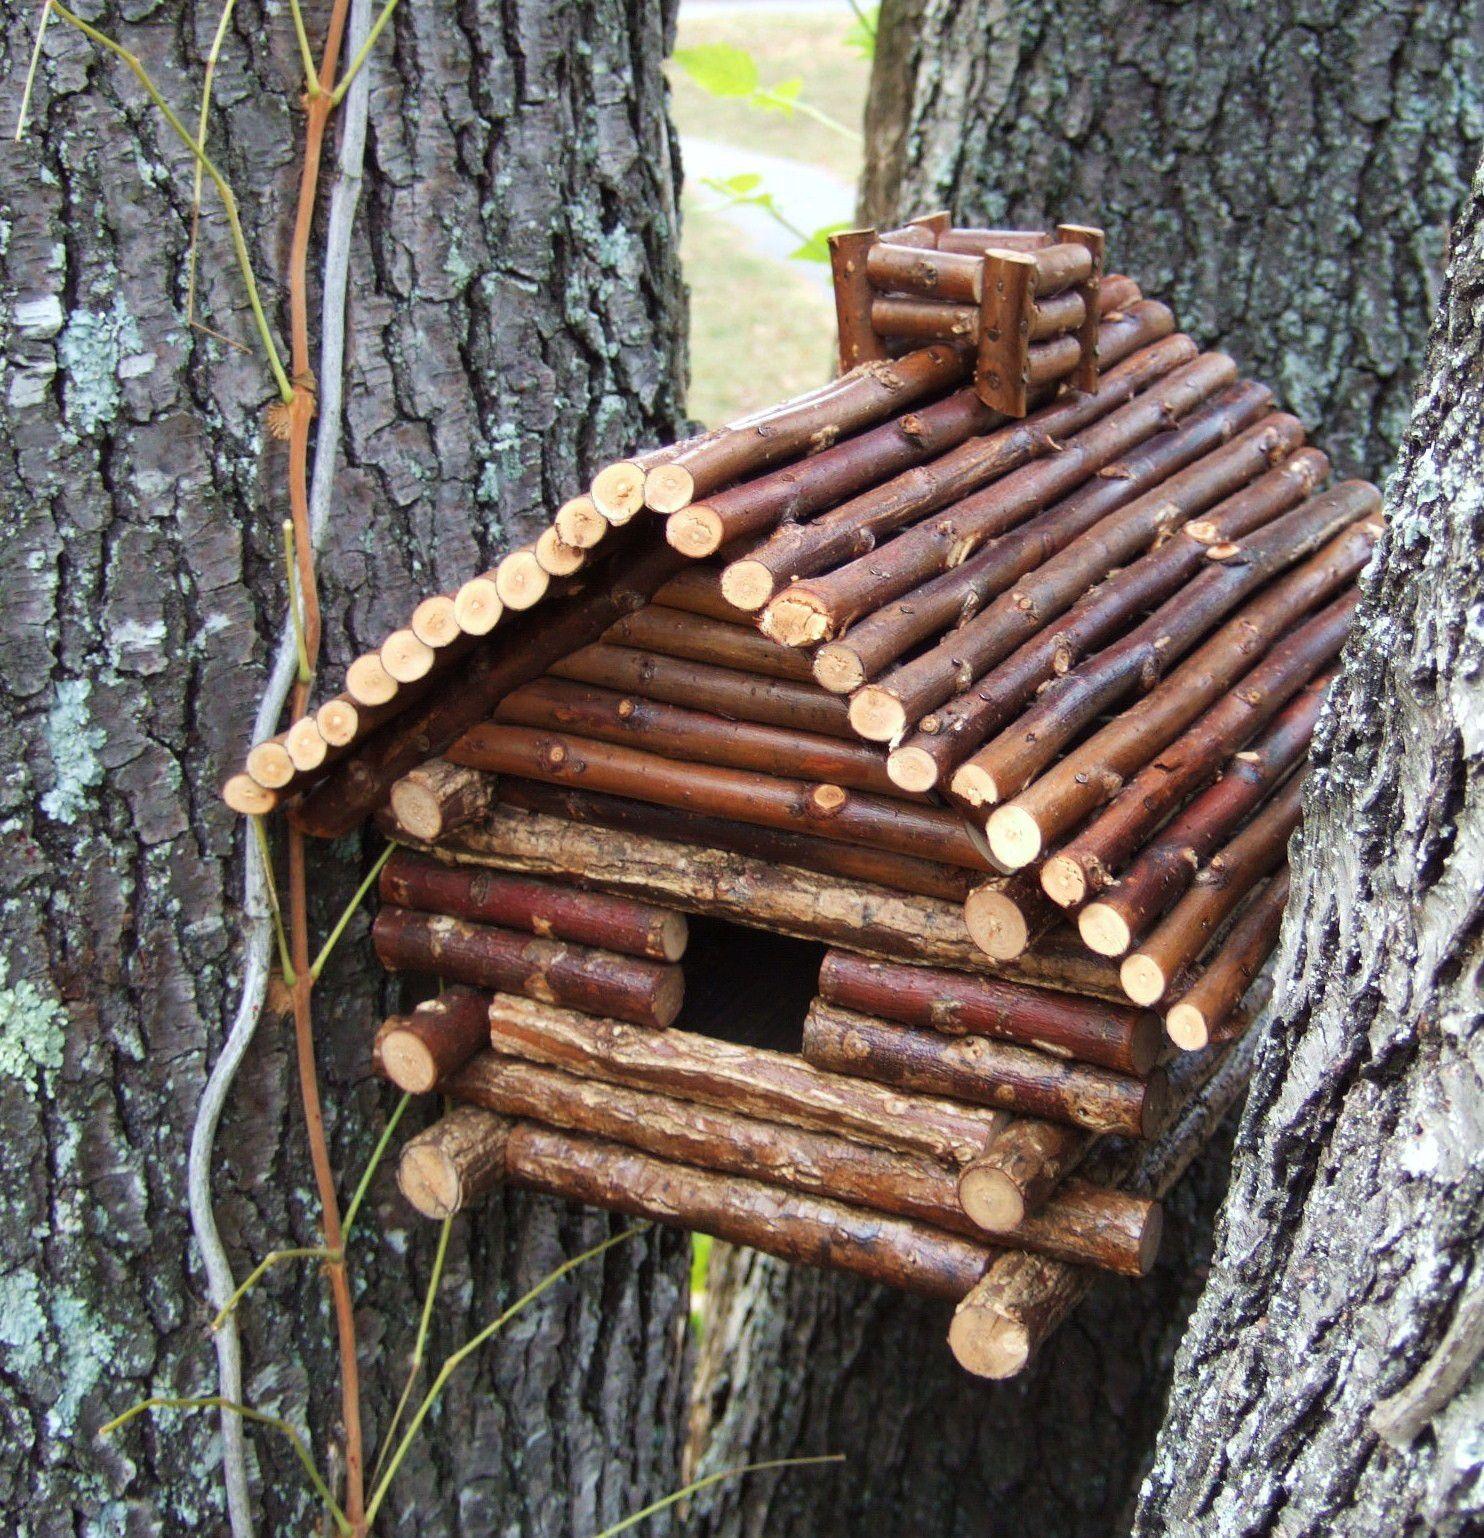 Birdhouse constructed of wood bird house design free standing bird - Wren Bird House Build A Wren Bird House Build The Perfect Home For